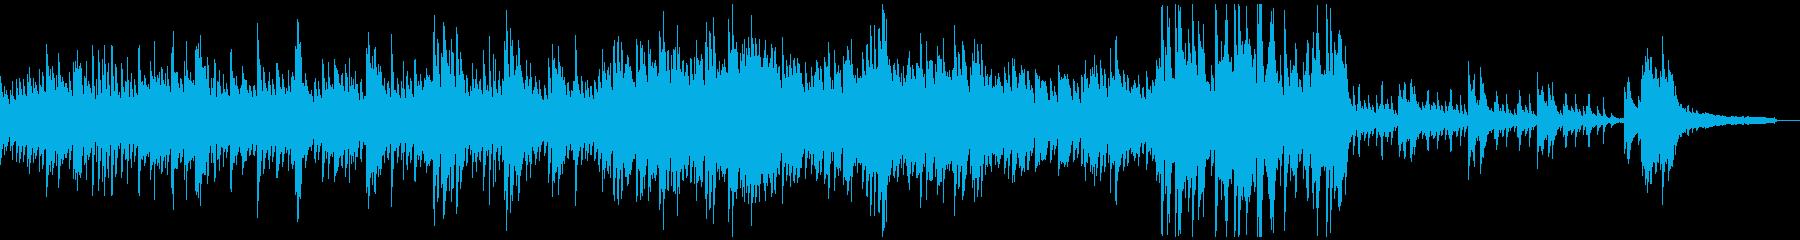 キラキラしたフレッシュなピアノソロの再生済みの波形